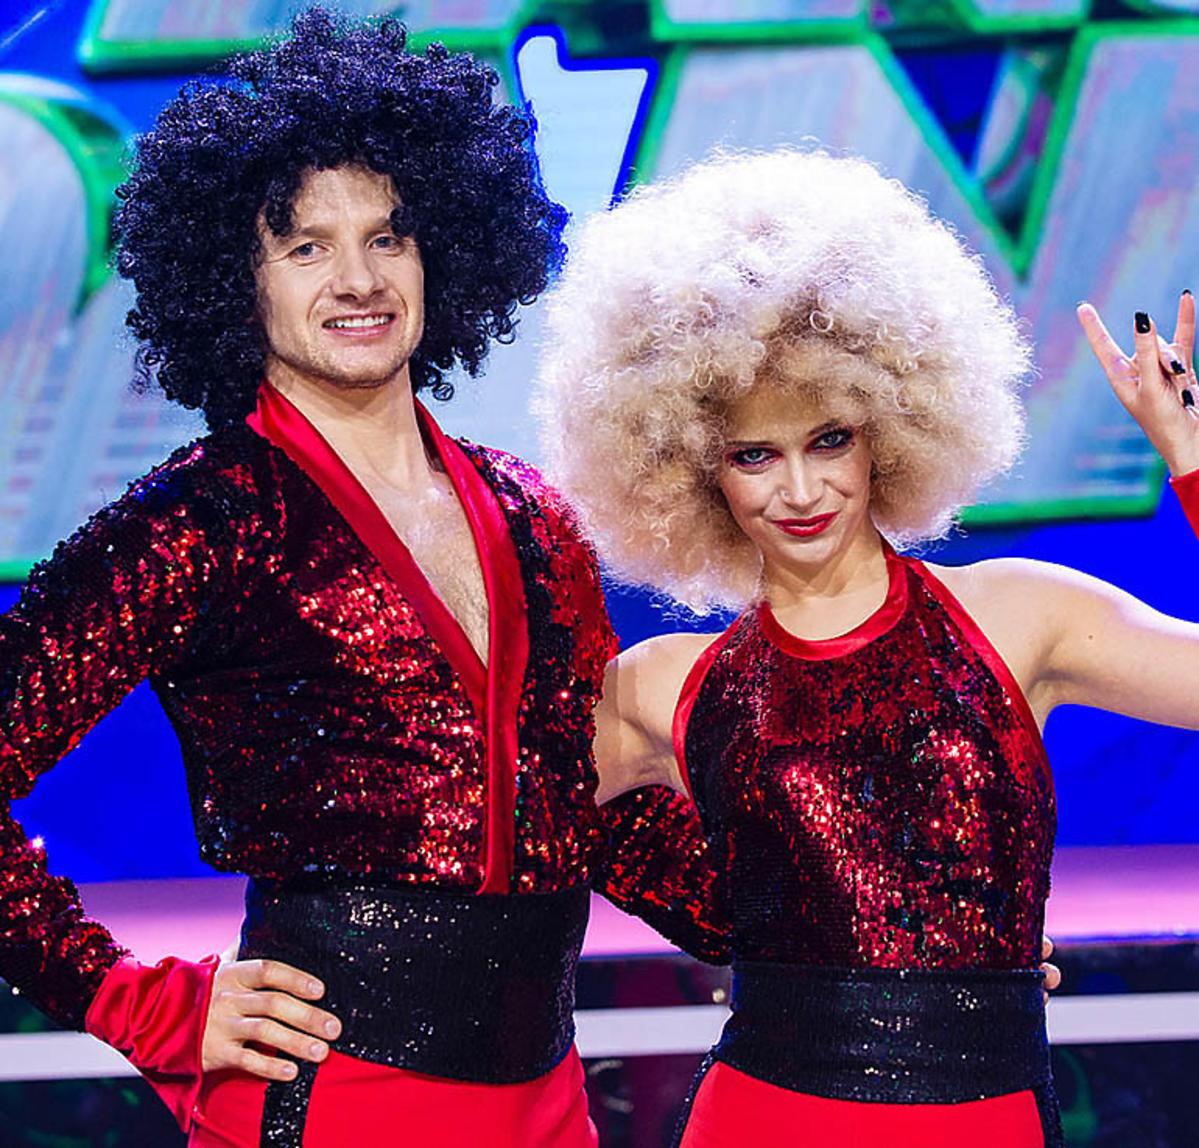 Paweł i Marta z Rolnik szuka żony w 4. odcinku Dance Dance Dance